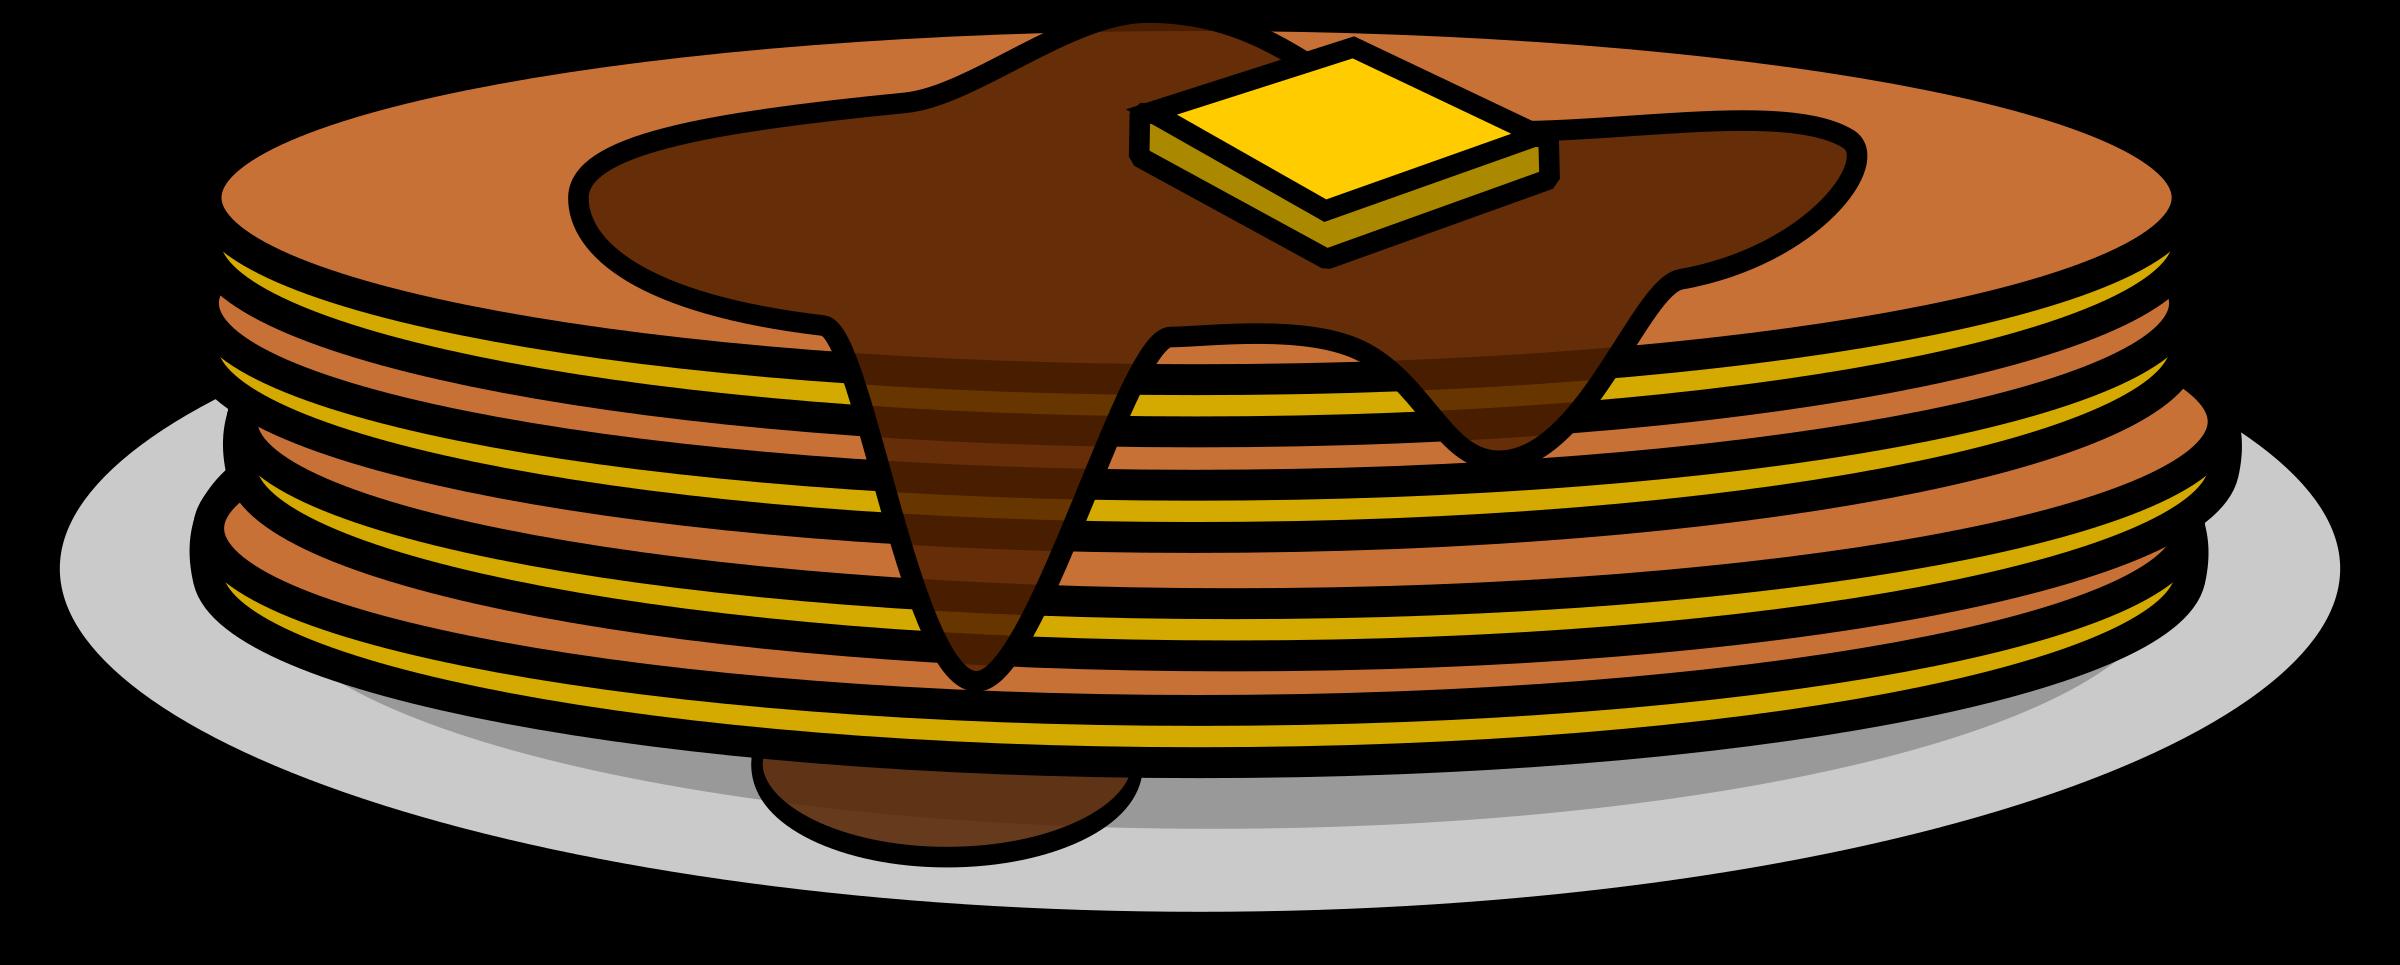 Pancakes image png. Pancake clipart big breakfast